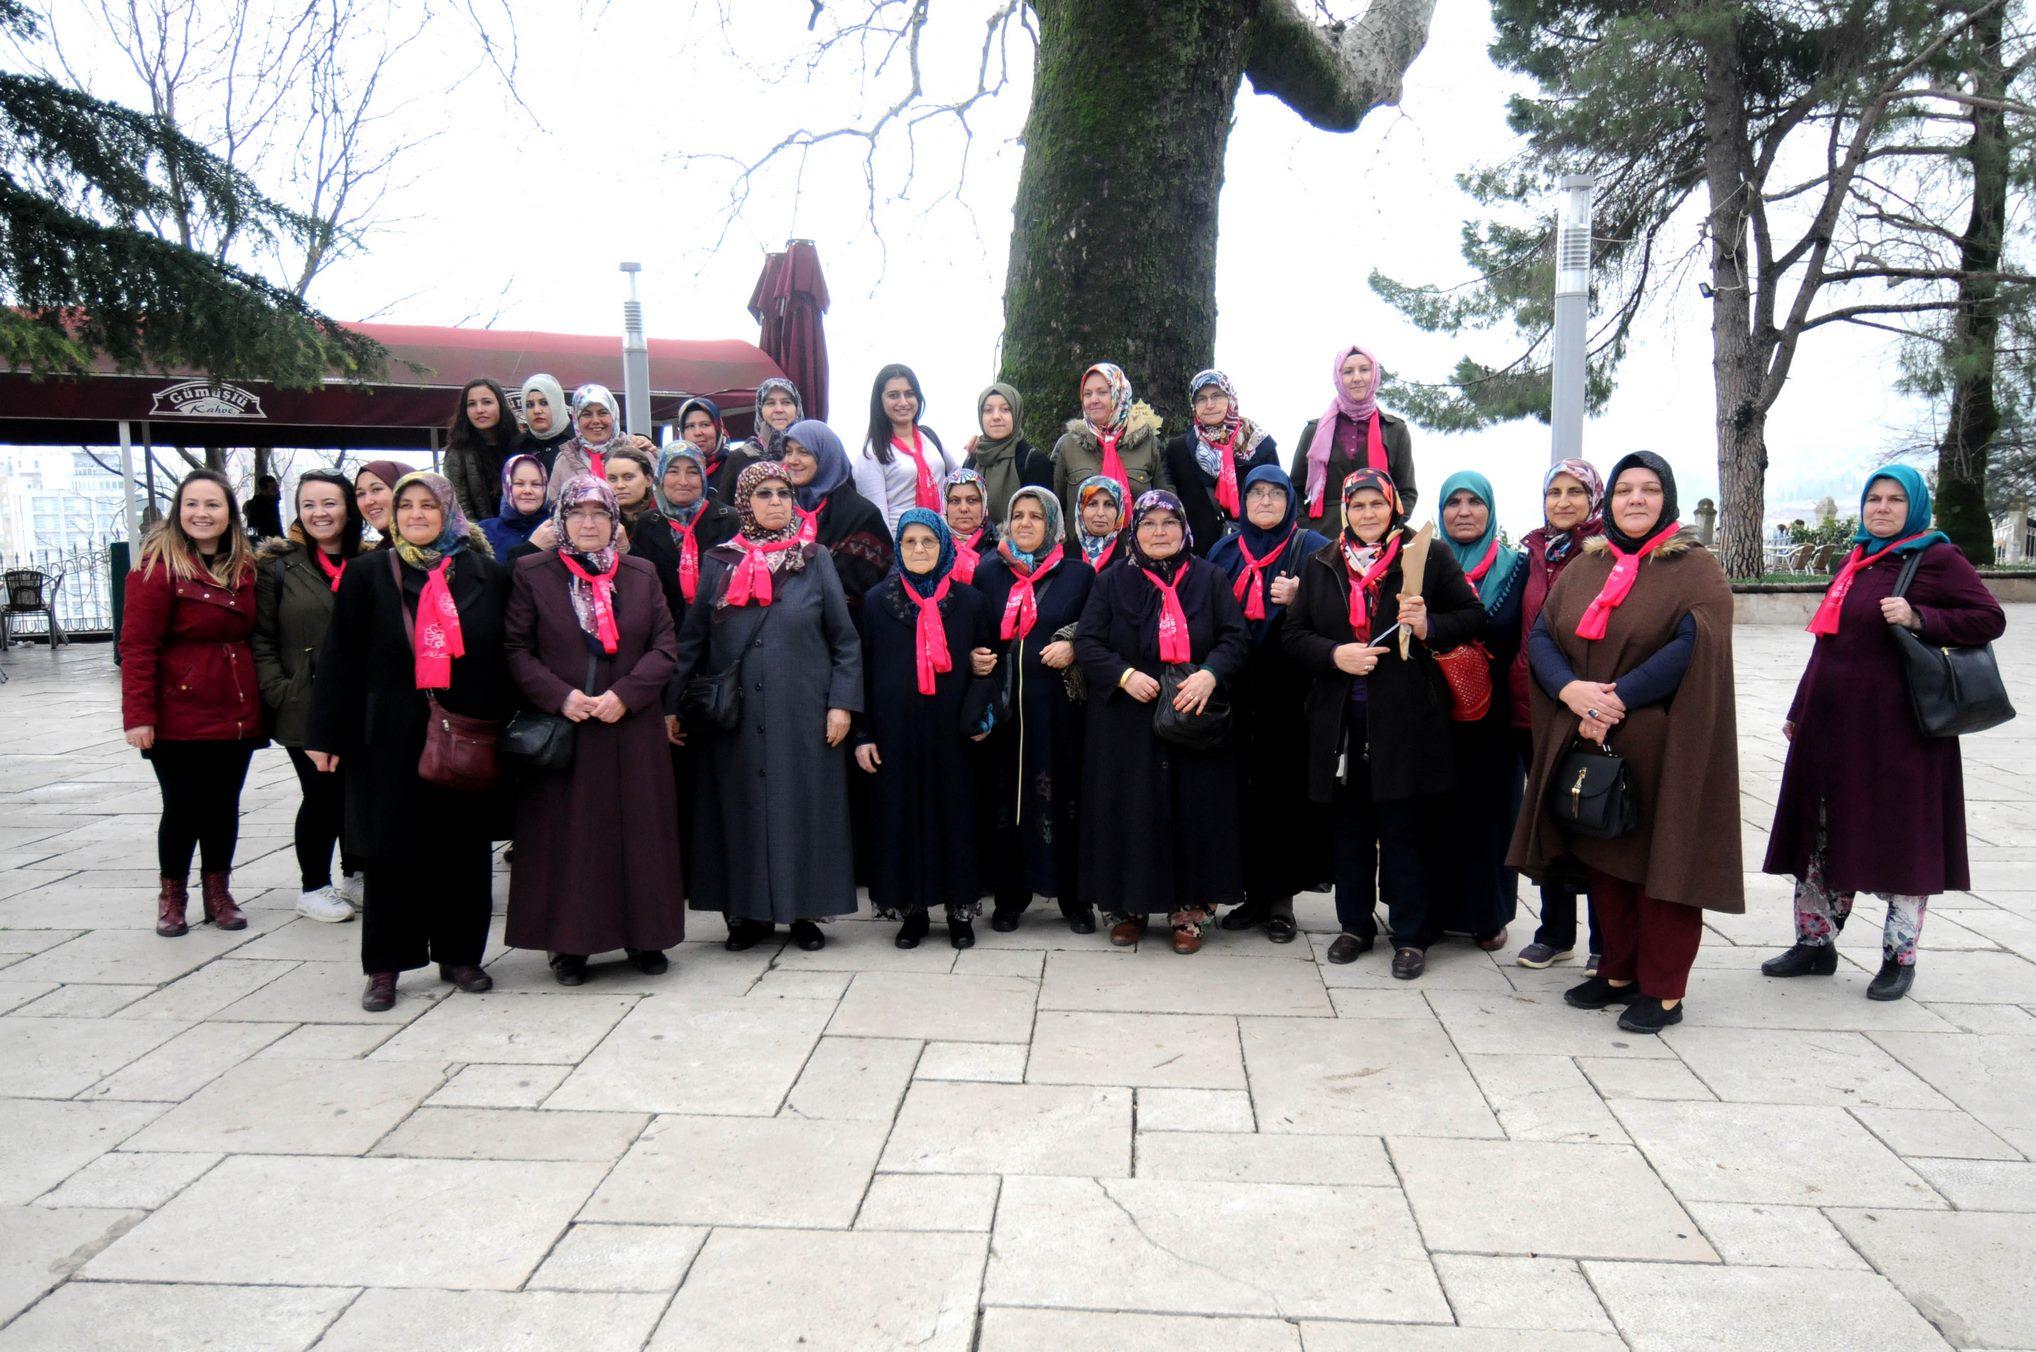 Çan Belediyesi'nden 1500 kadına Bursa gezisi